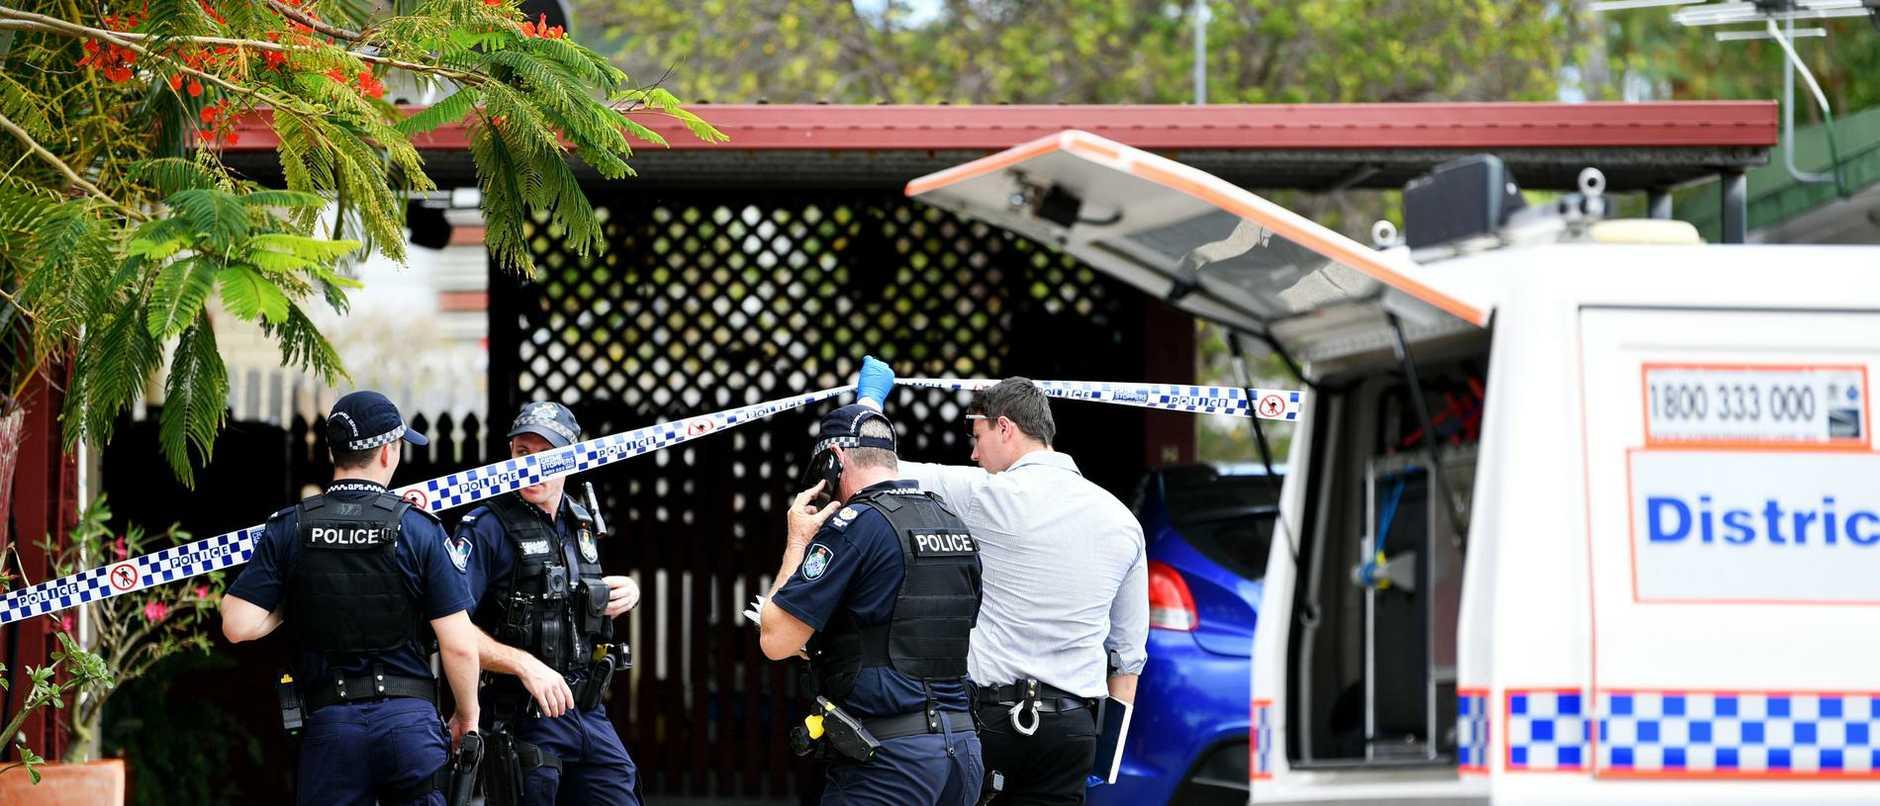 Gulliver deaths: Police probe DV link as parents die in suspected murder-suicide